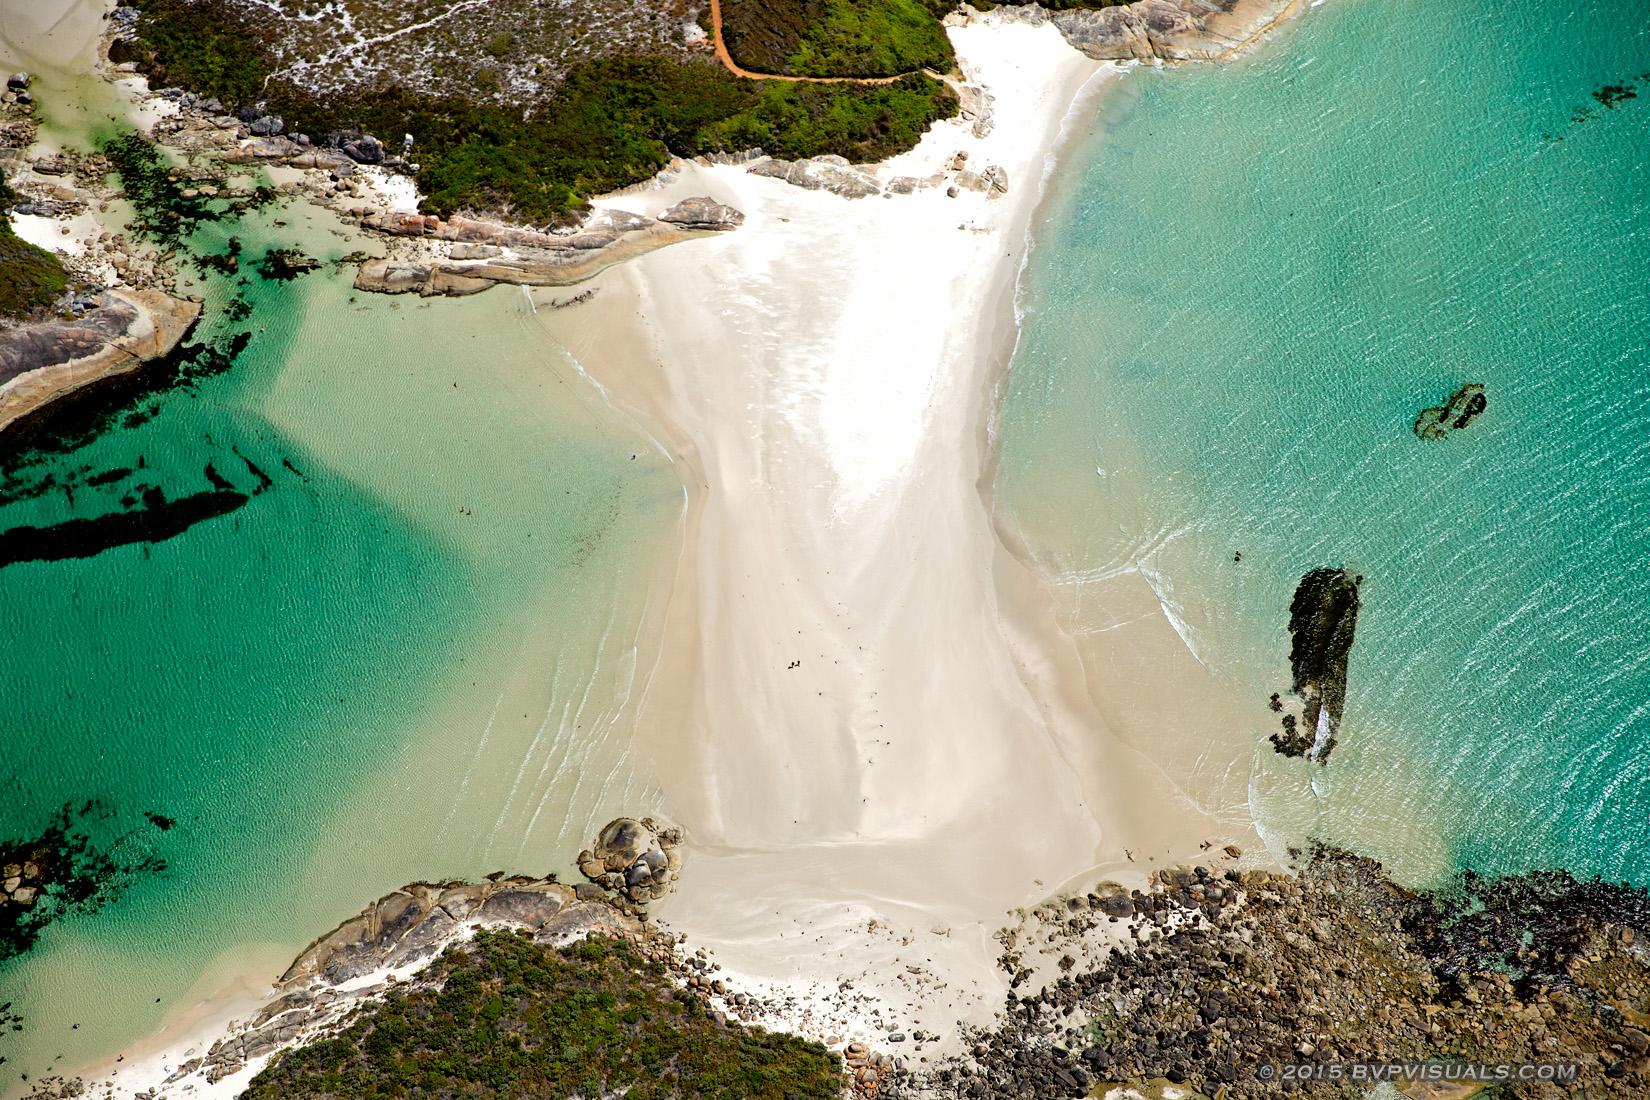 Surfing in Western Australia: Denmark